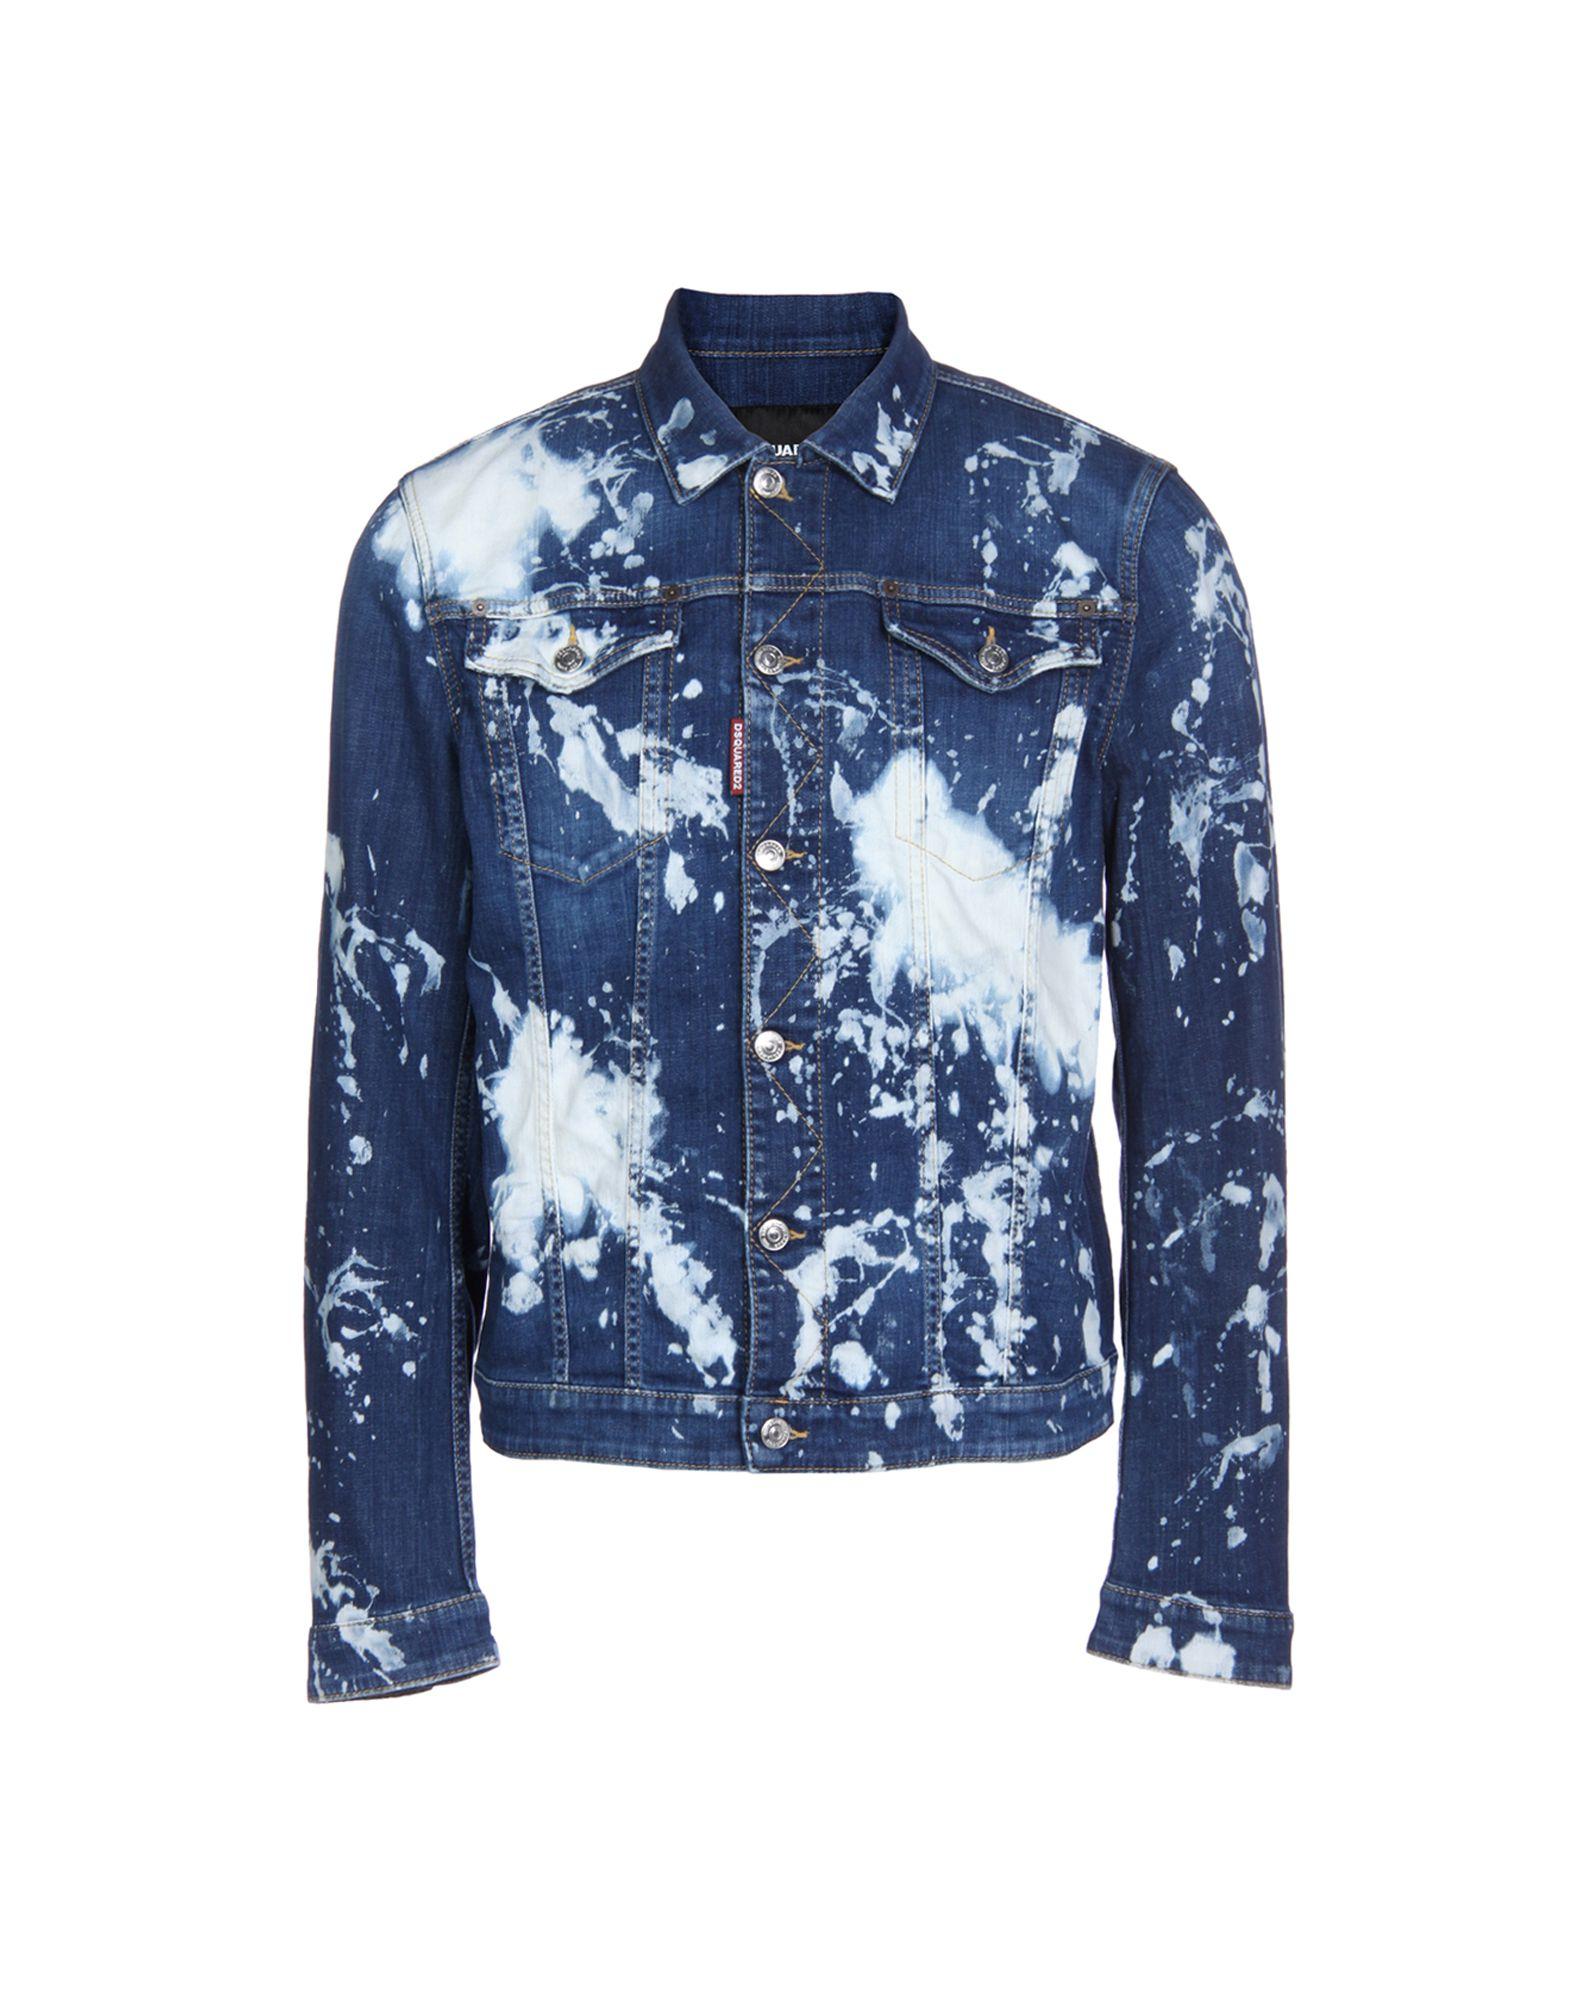 Фото - DSQUARED2 Джинсовая верхняя одежда goldsign джинсовая верхняя одежда